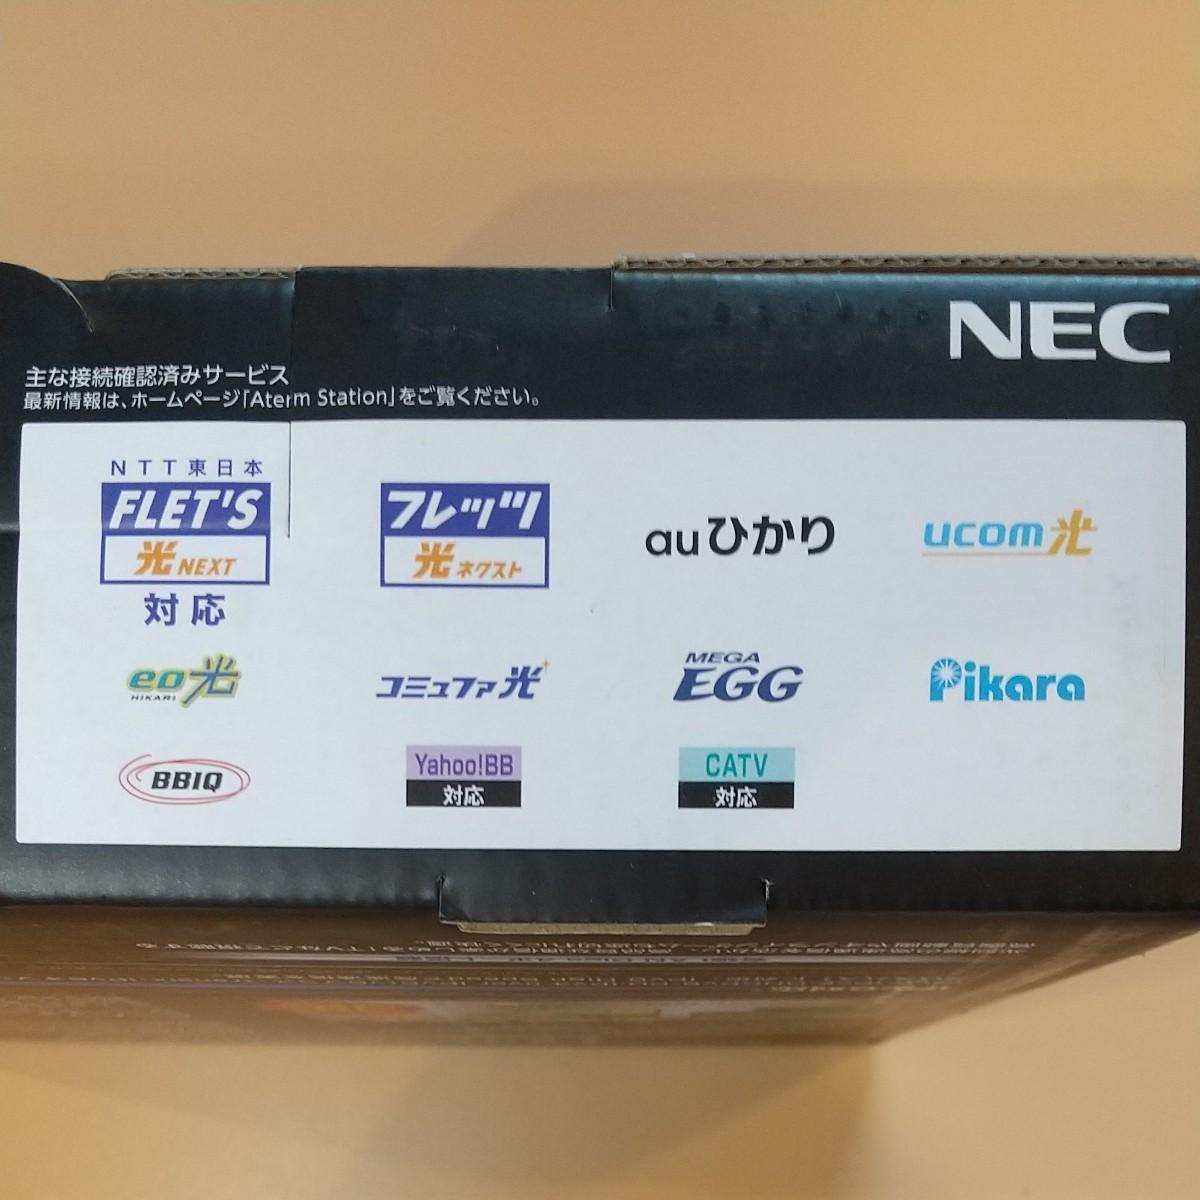 NEC Aterm 無線LANルータ PA-WG2600HS2 ハイパワーシステム